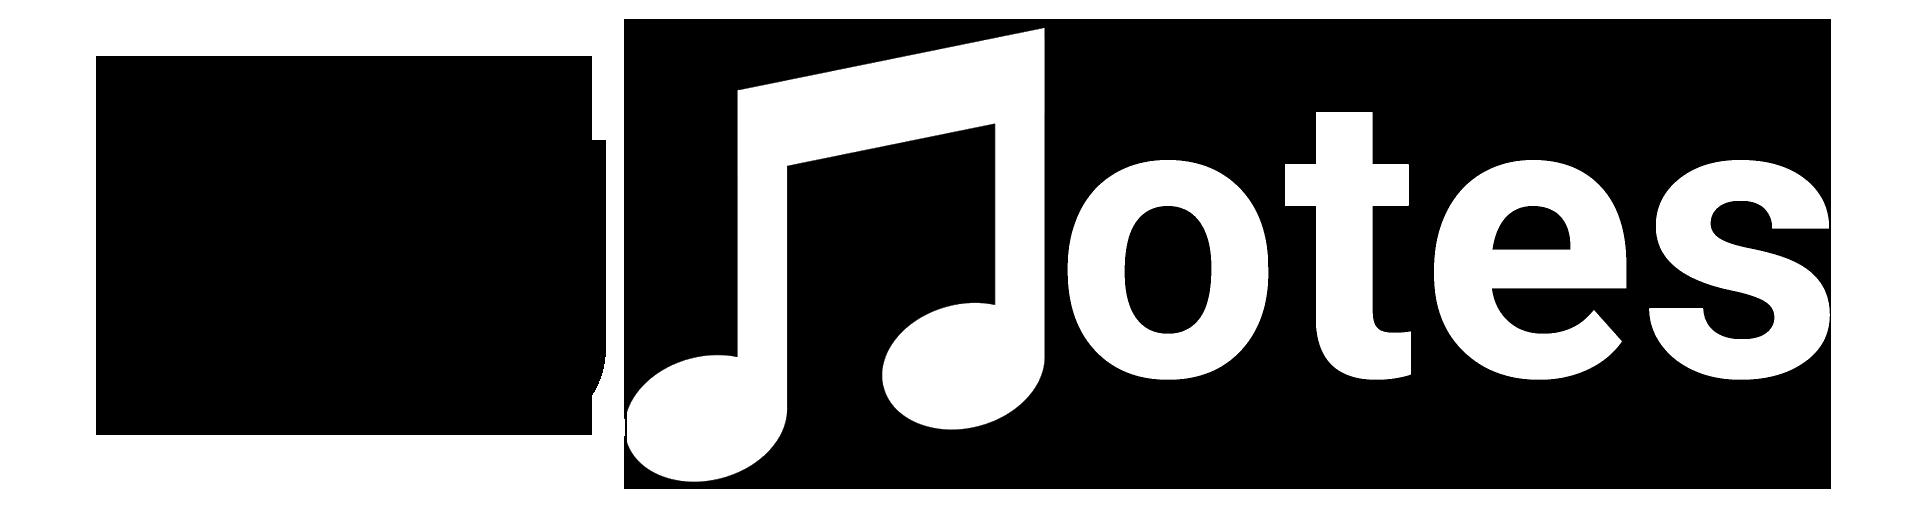 fignotes logo transparent copy slant i.png